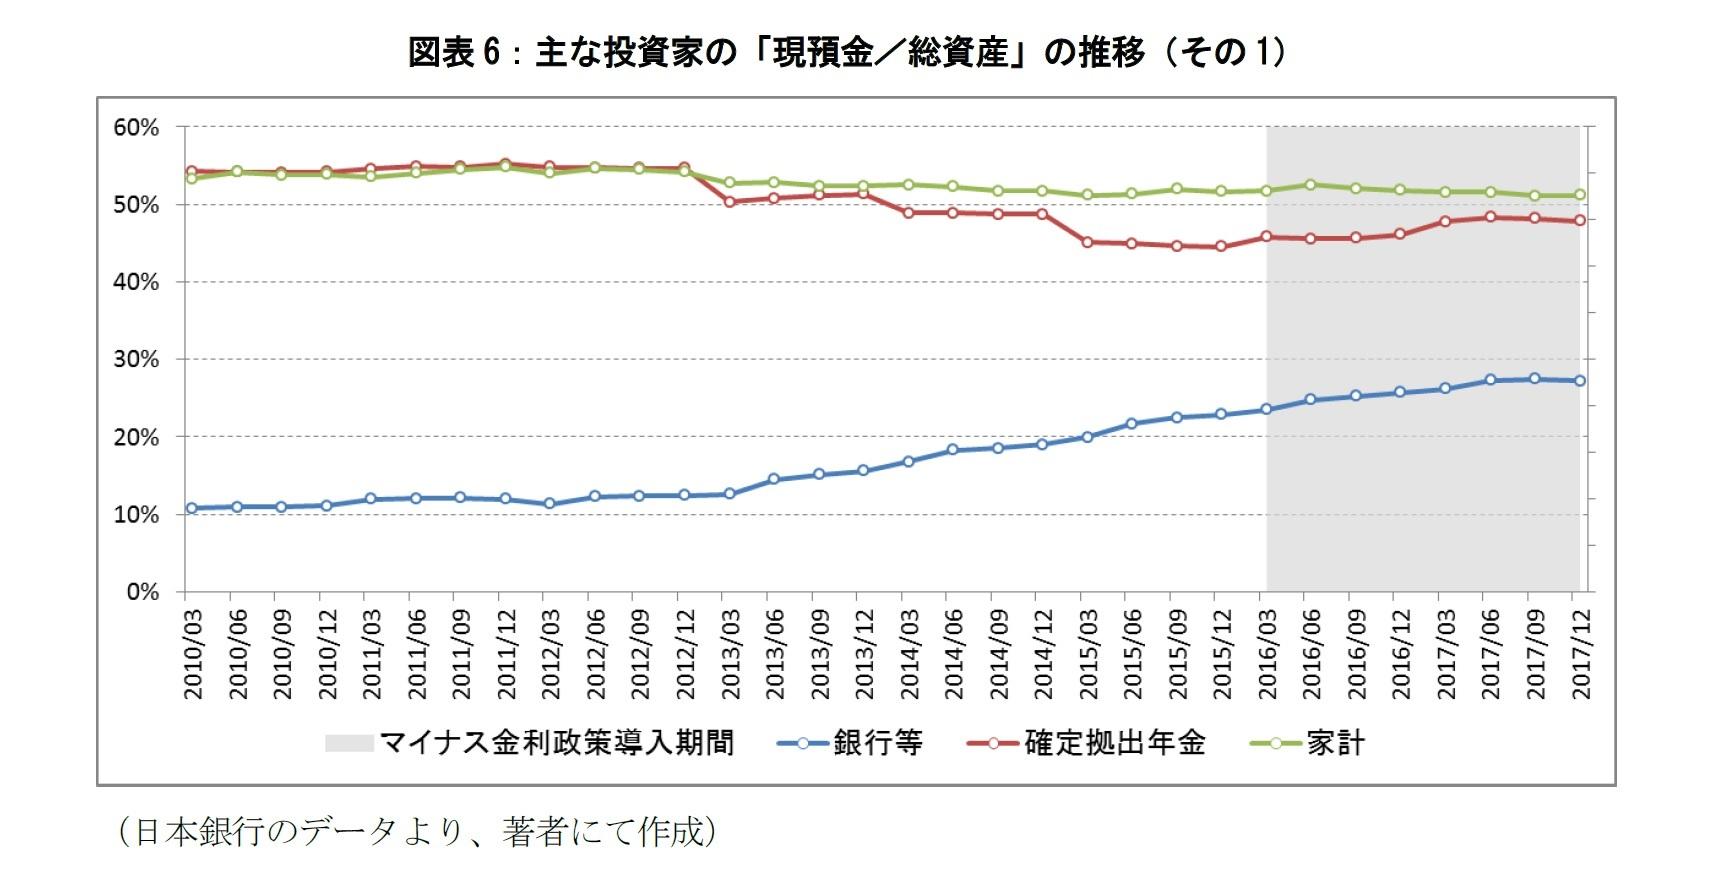 図表6:主な投資家の「現預金/総資産」の推移(その1)